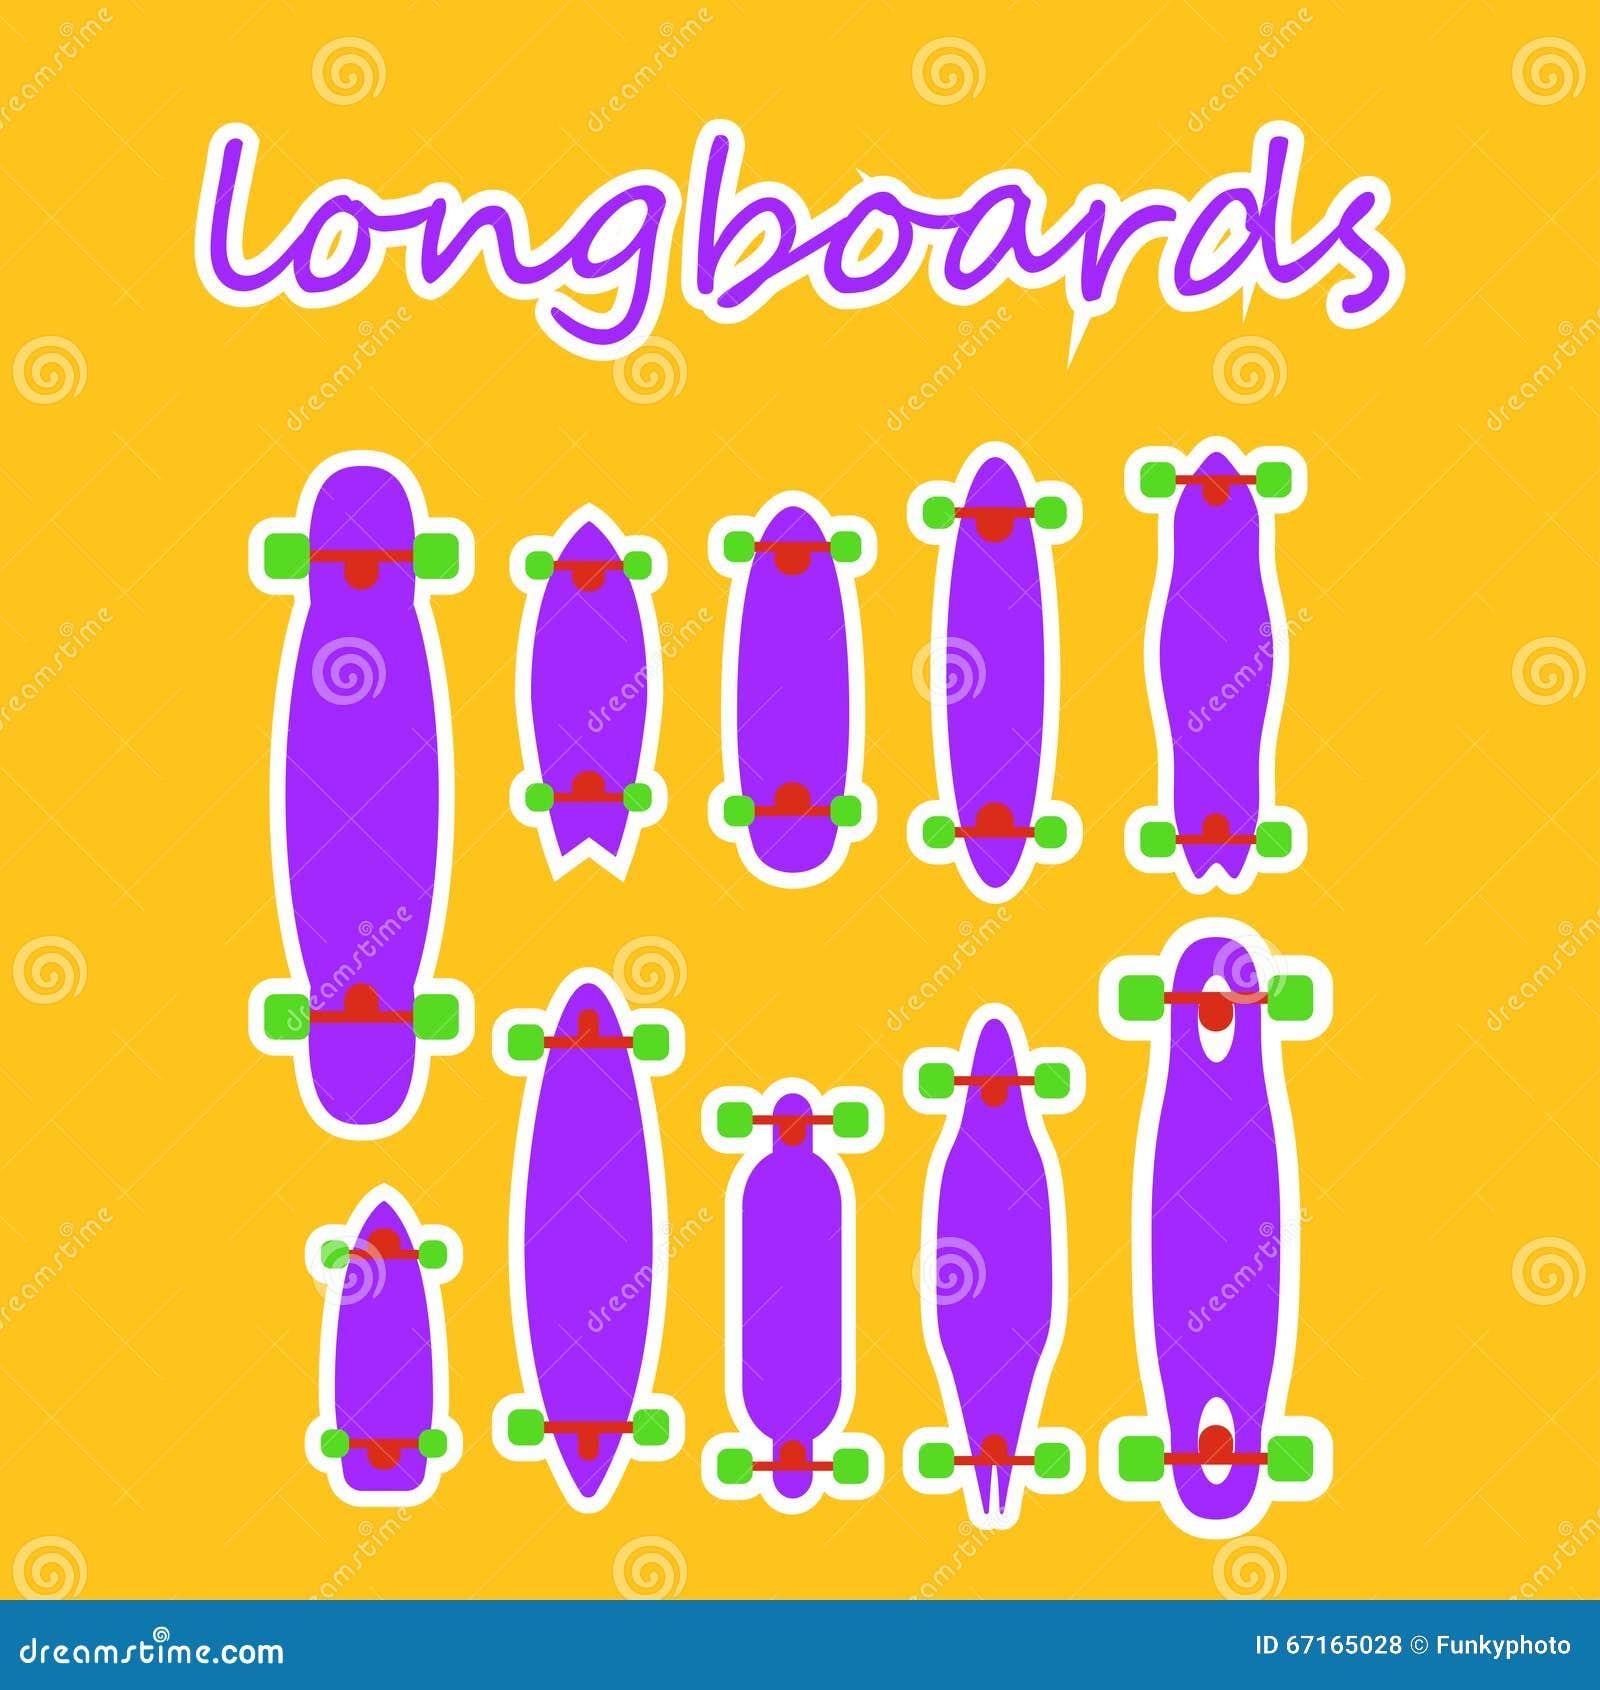 formen und arten longboard auf einem farbigen hintergrund stock abbildung bild 67165028. Black Bedroom Furniture Sets. Home Design Ideas